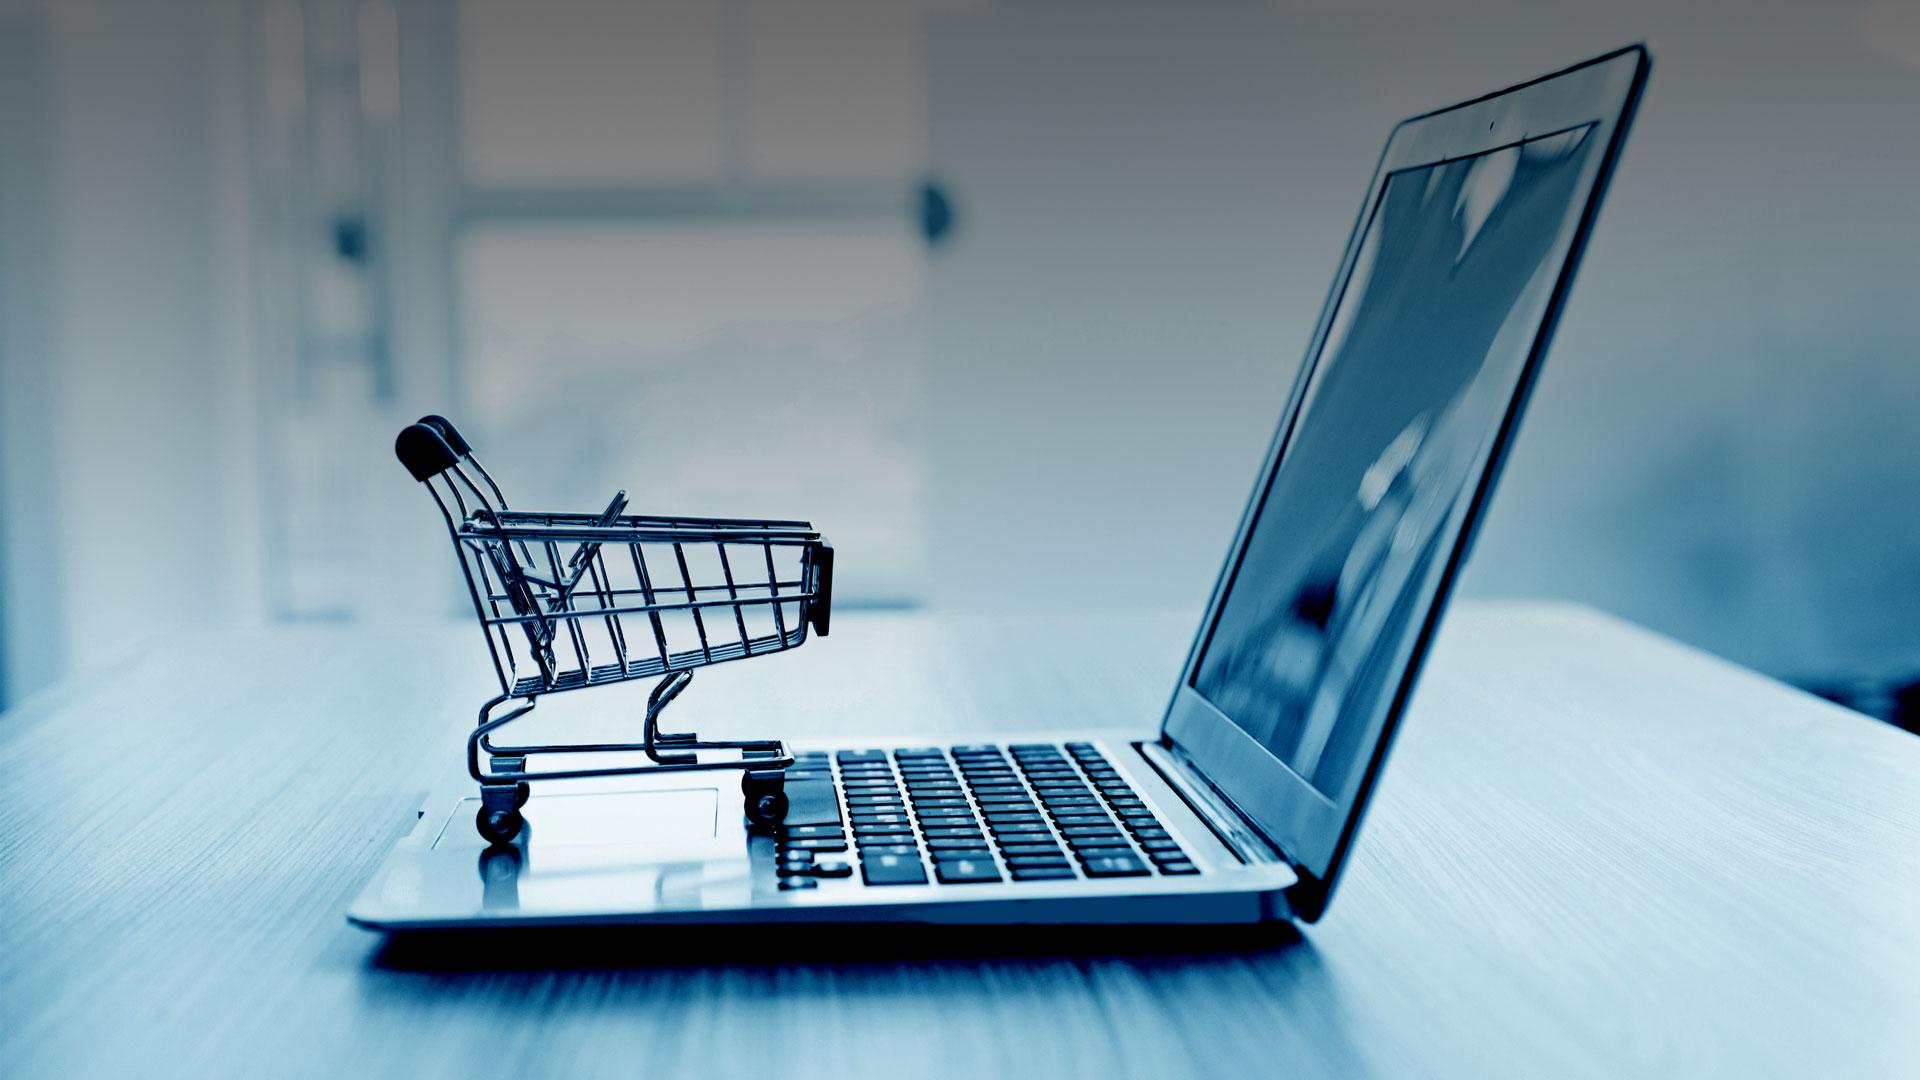 sviluppo e-commerce axema